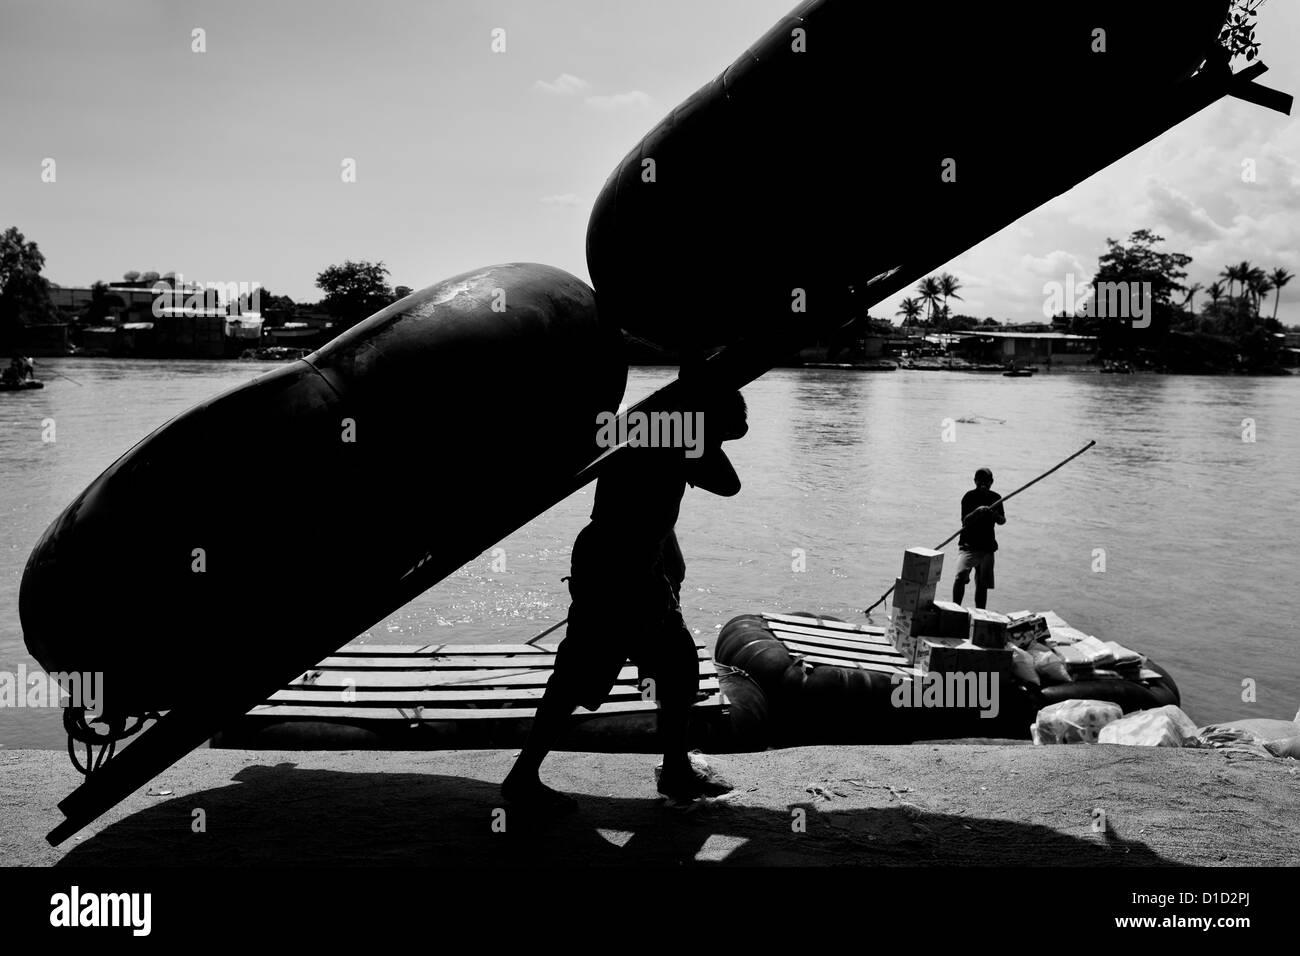 Un guatemalteco barquero lleva un tubo interior de la improvisada balsa en la orilla del río suchiate, en Tecún Imagen De Stock